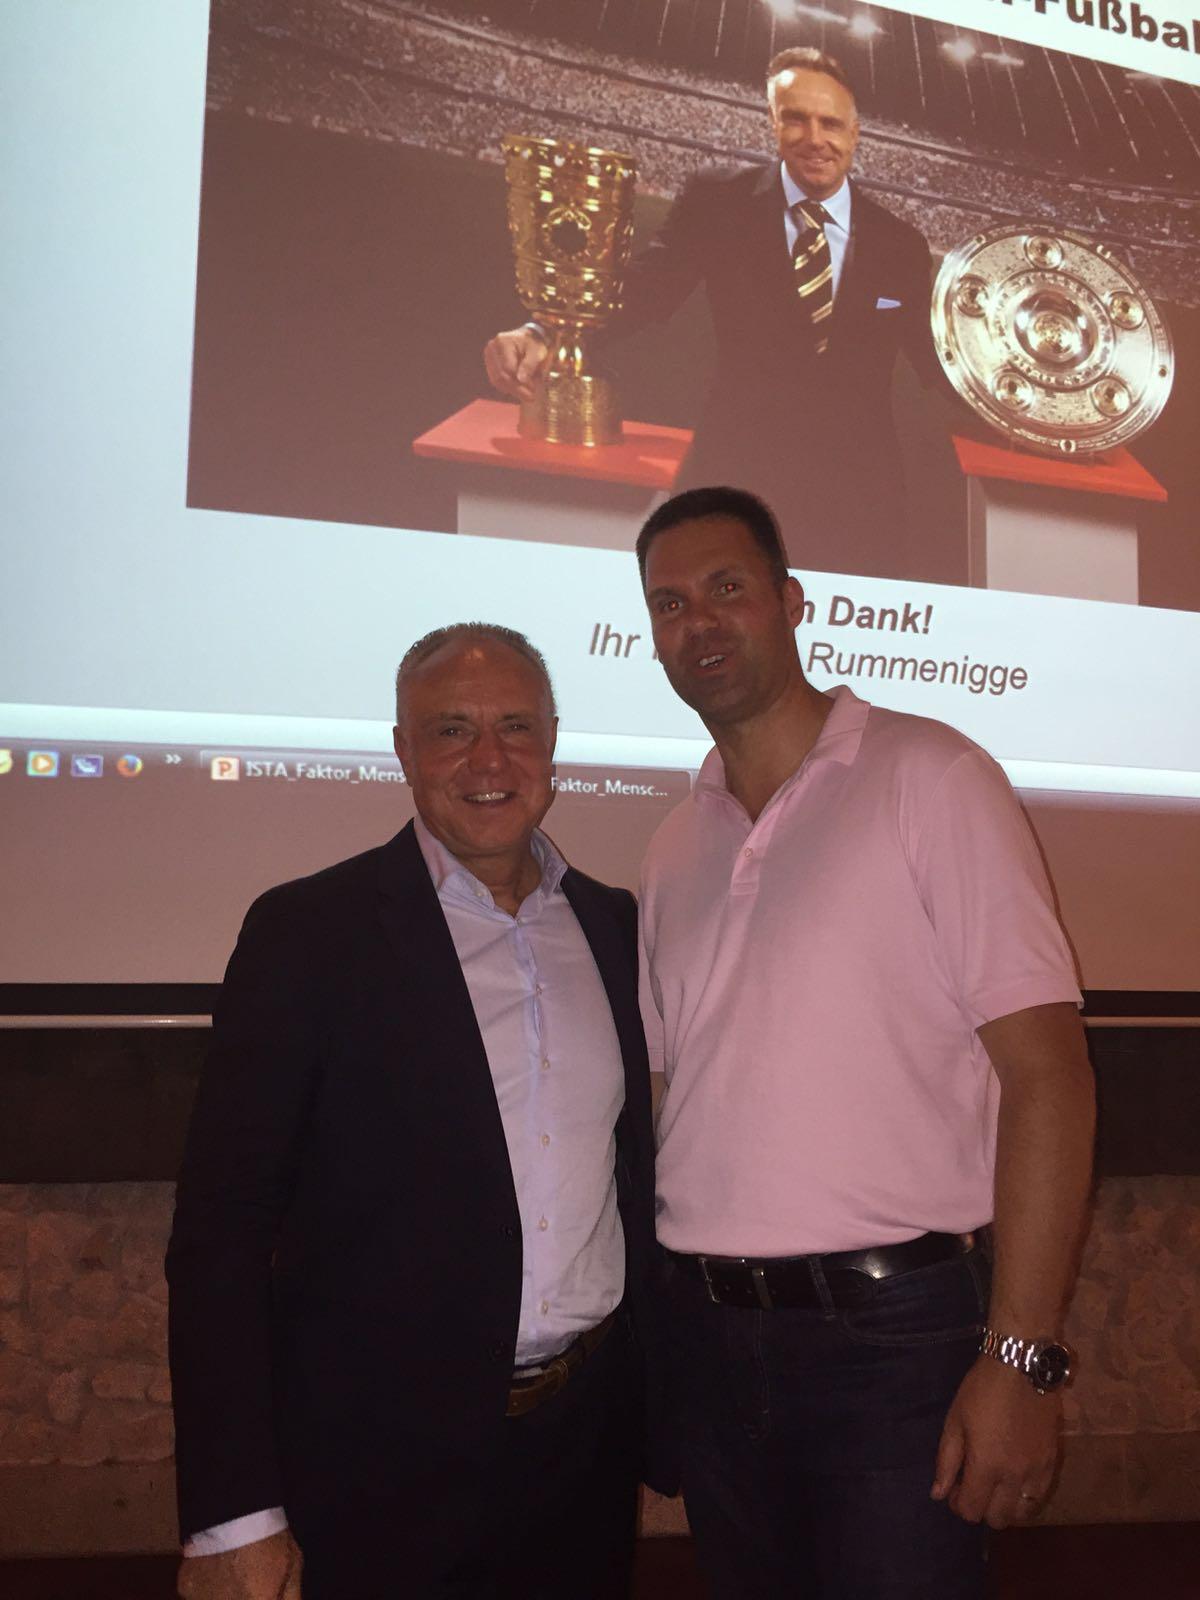 Michael Rummenigge zu Gast bei ISTA